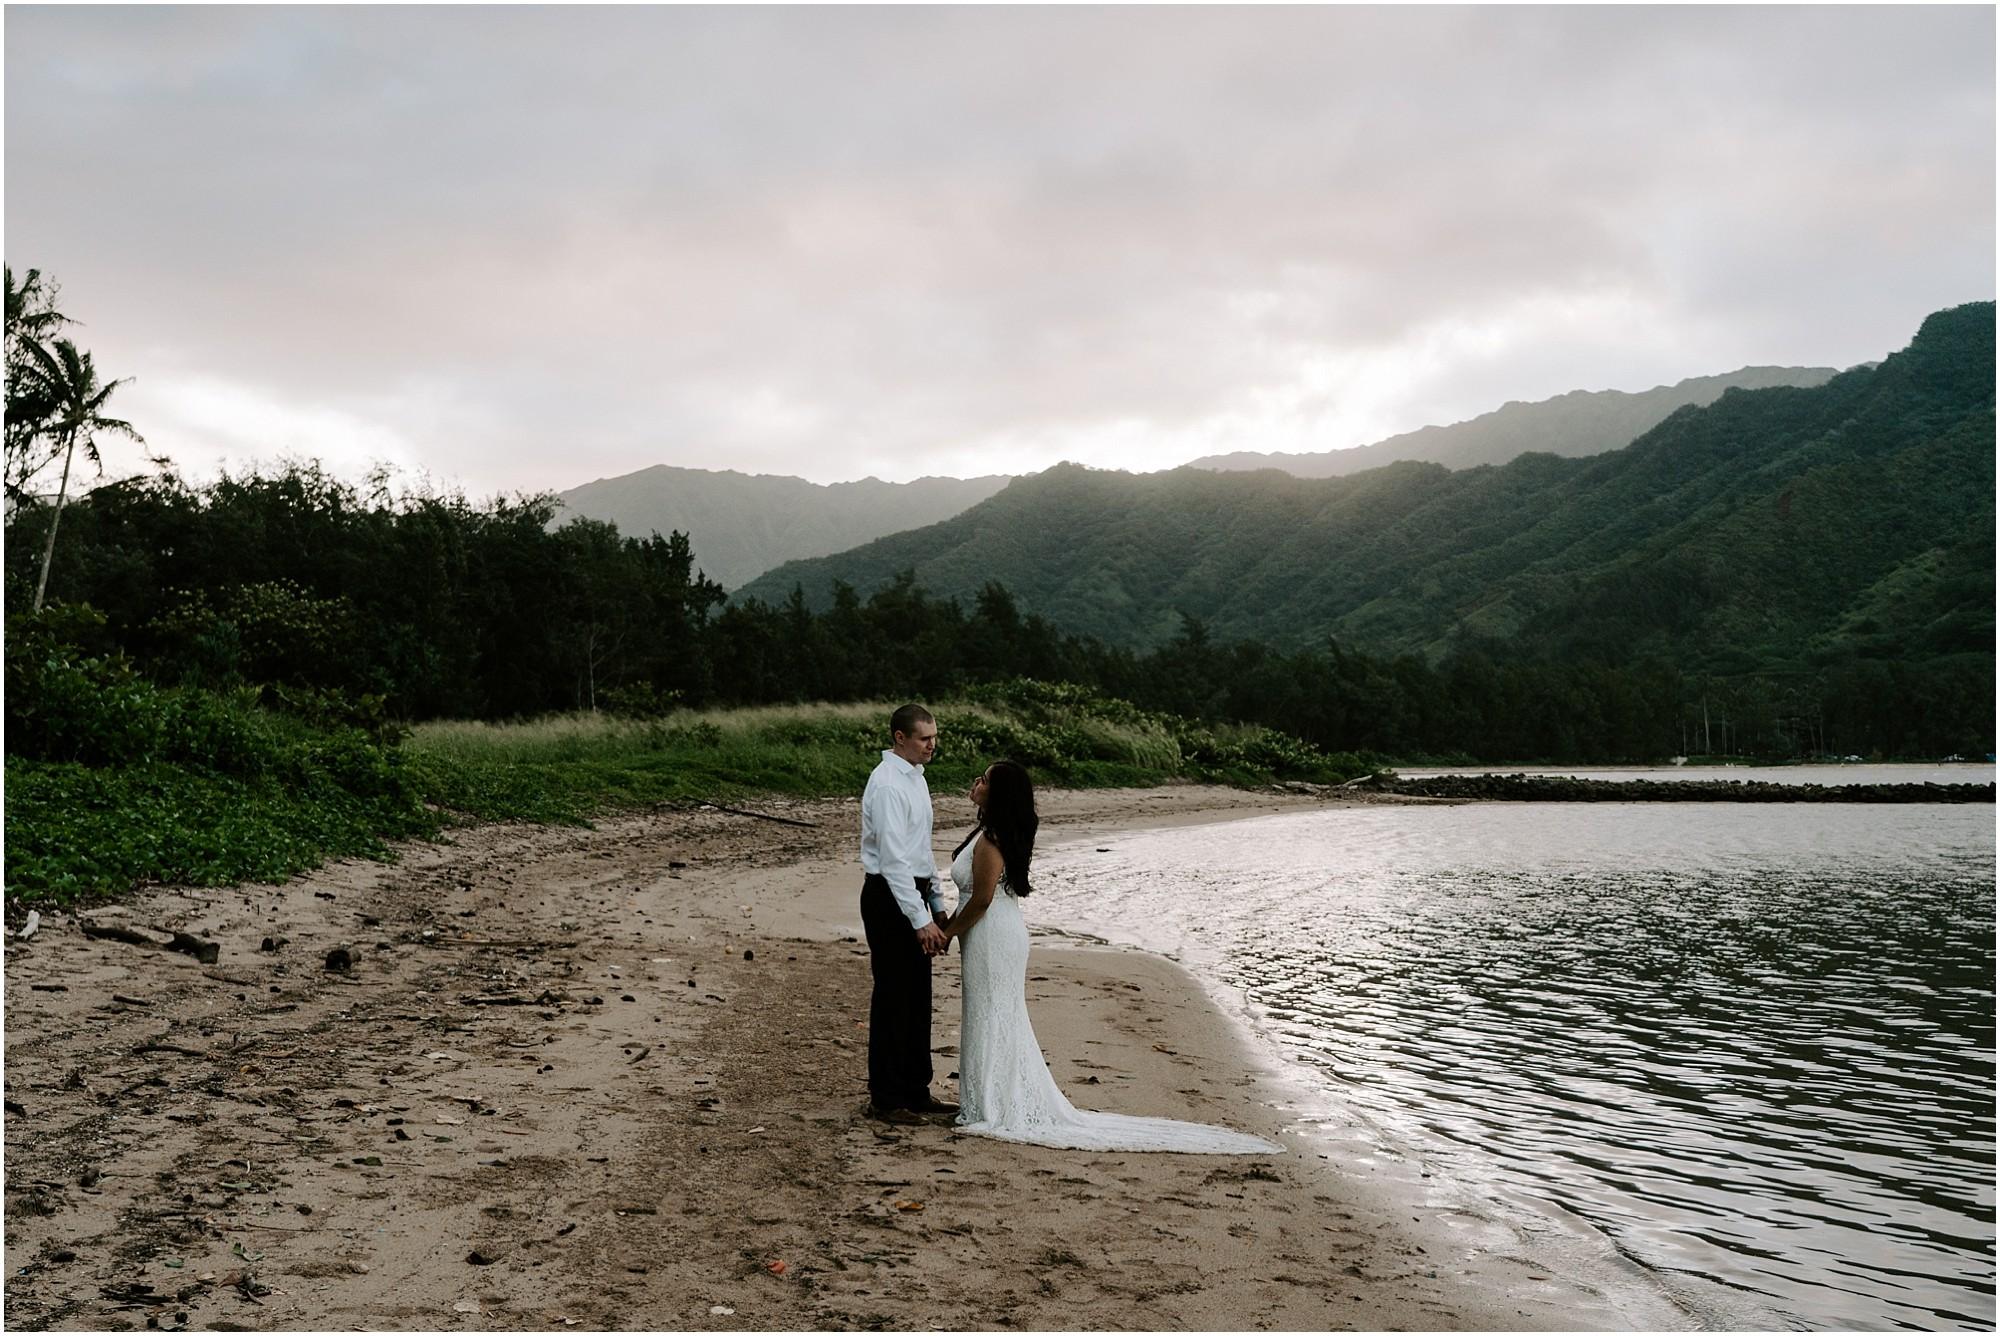 oahu-intimate-bridal-adventure-session_0025.jpg